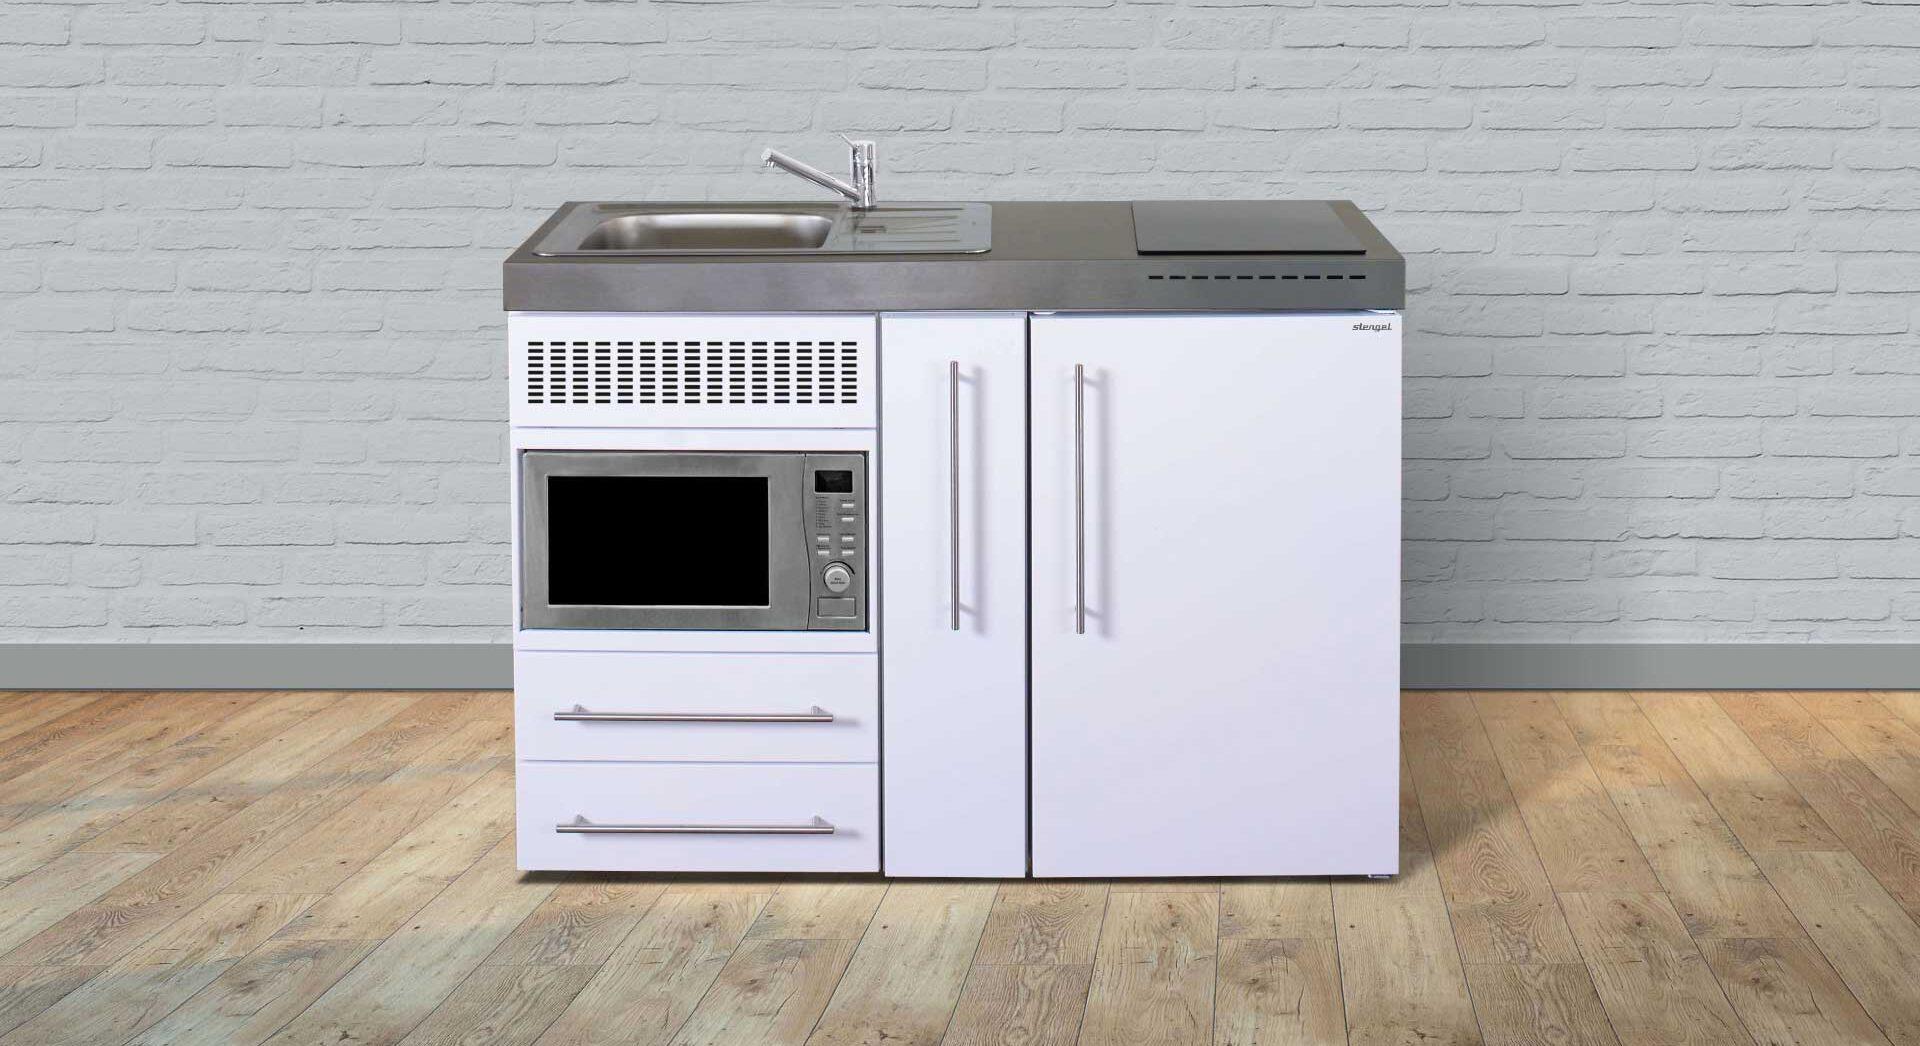 Lille kompakt køkken med indbygget ovn, køleskab m. frys, induktionskogeplade mm. MPM 120 A minikøkken i rustfrit stål.